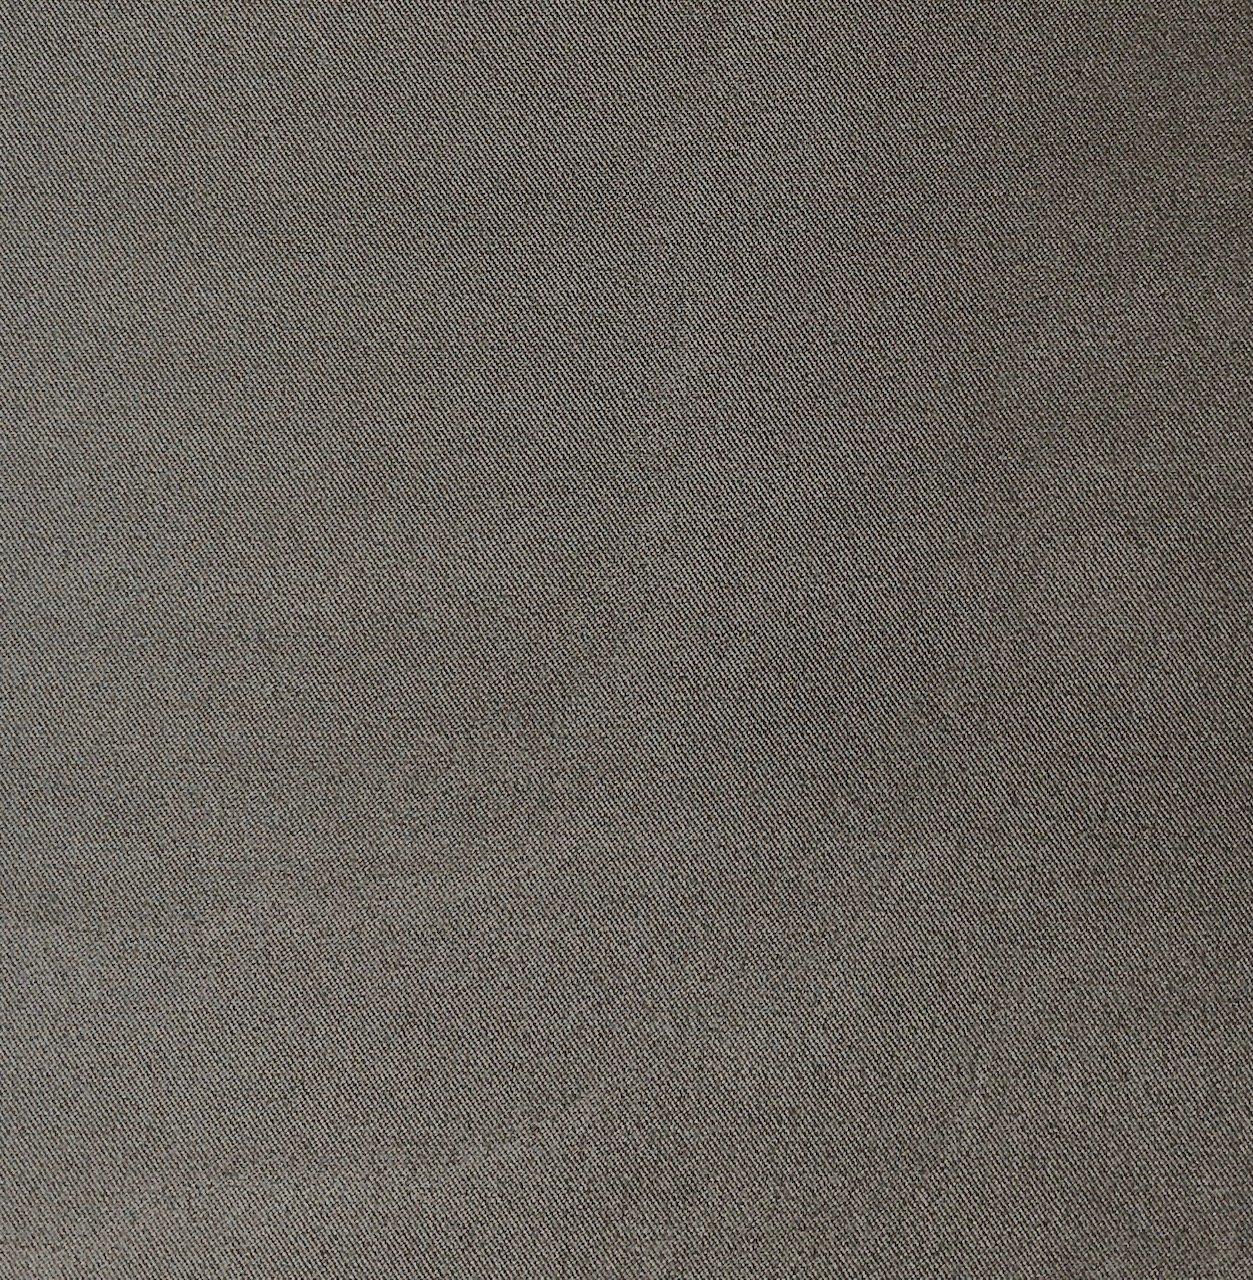 Stretch Woven - Warm Grey